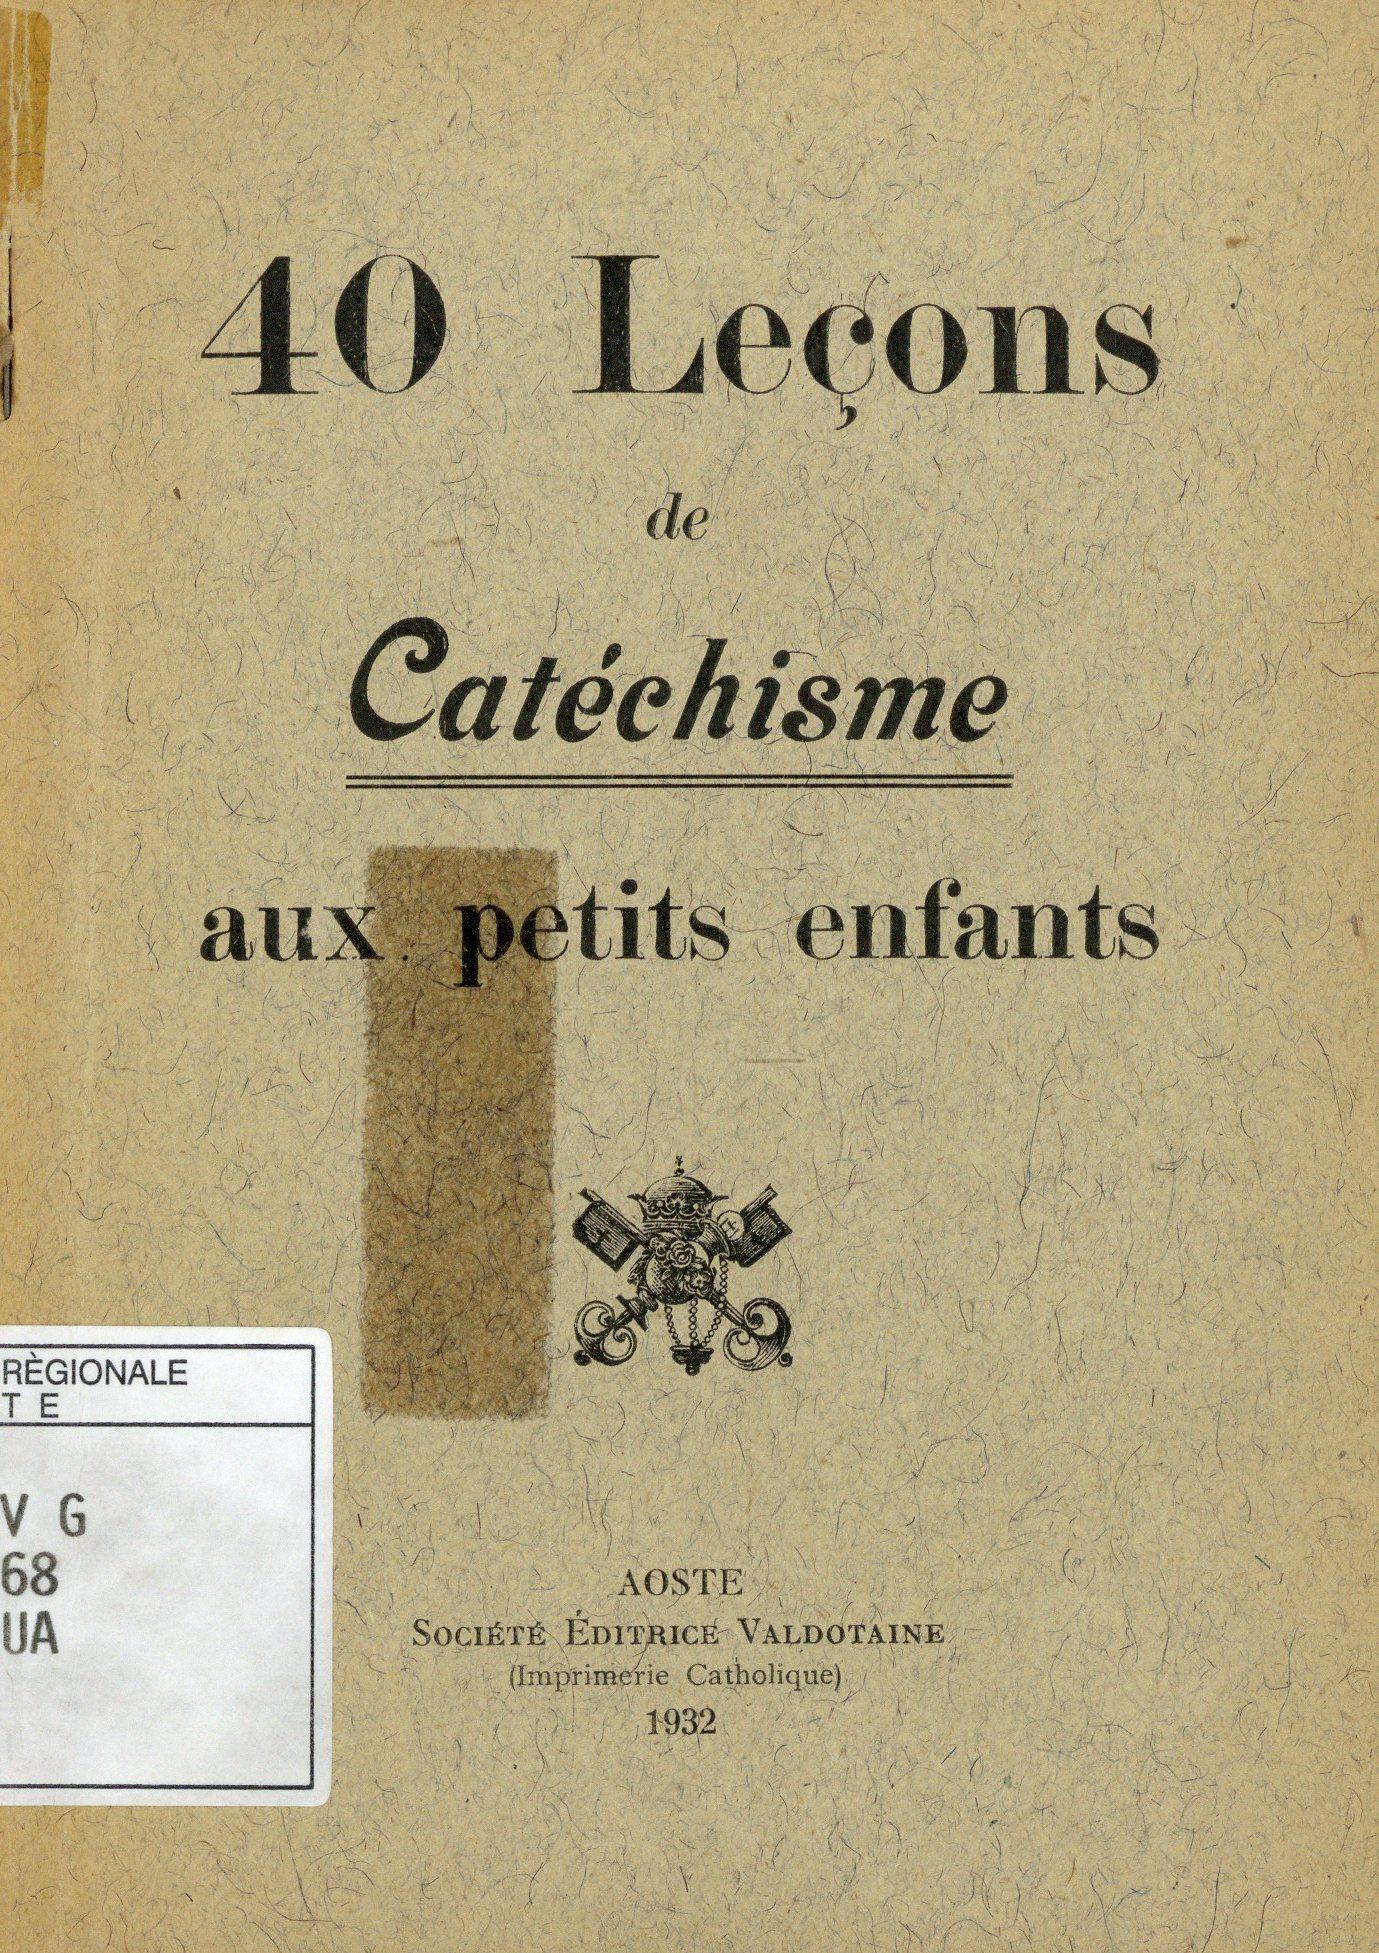 40 leçons de catéchisme aux petits enfants